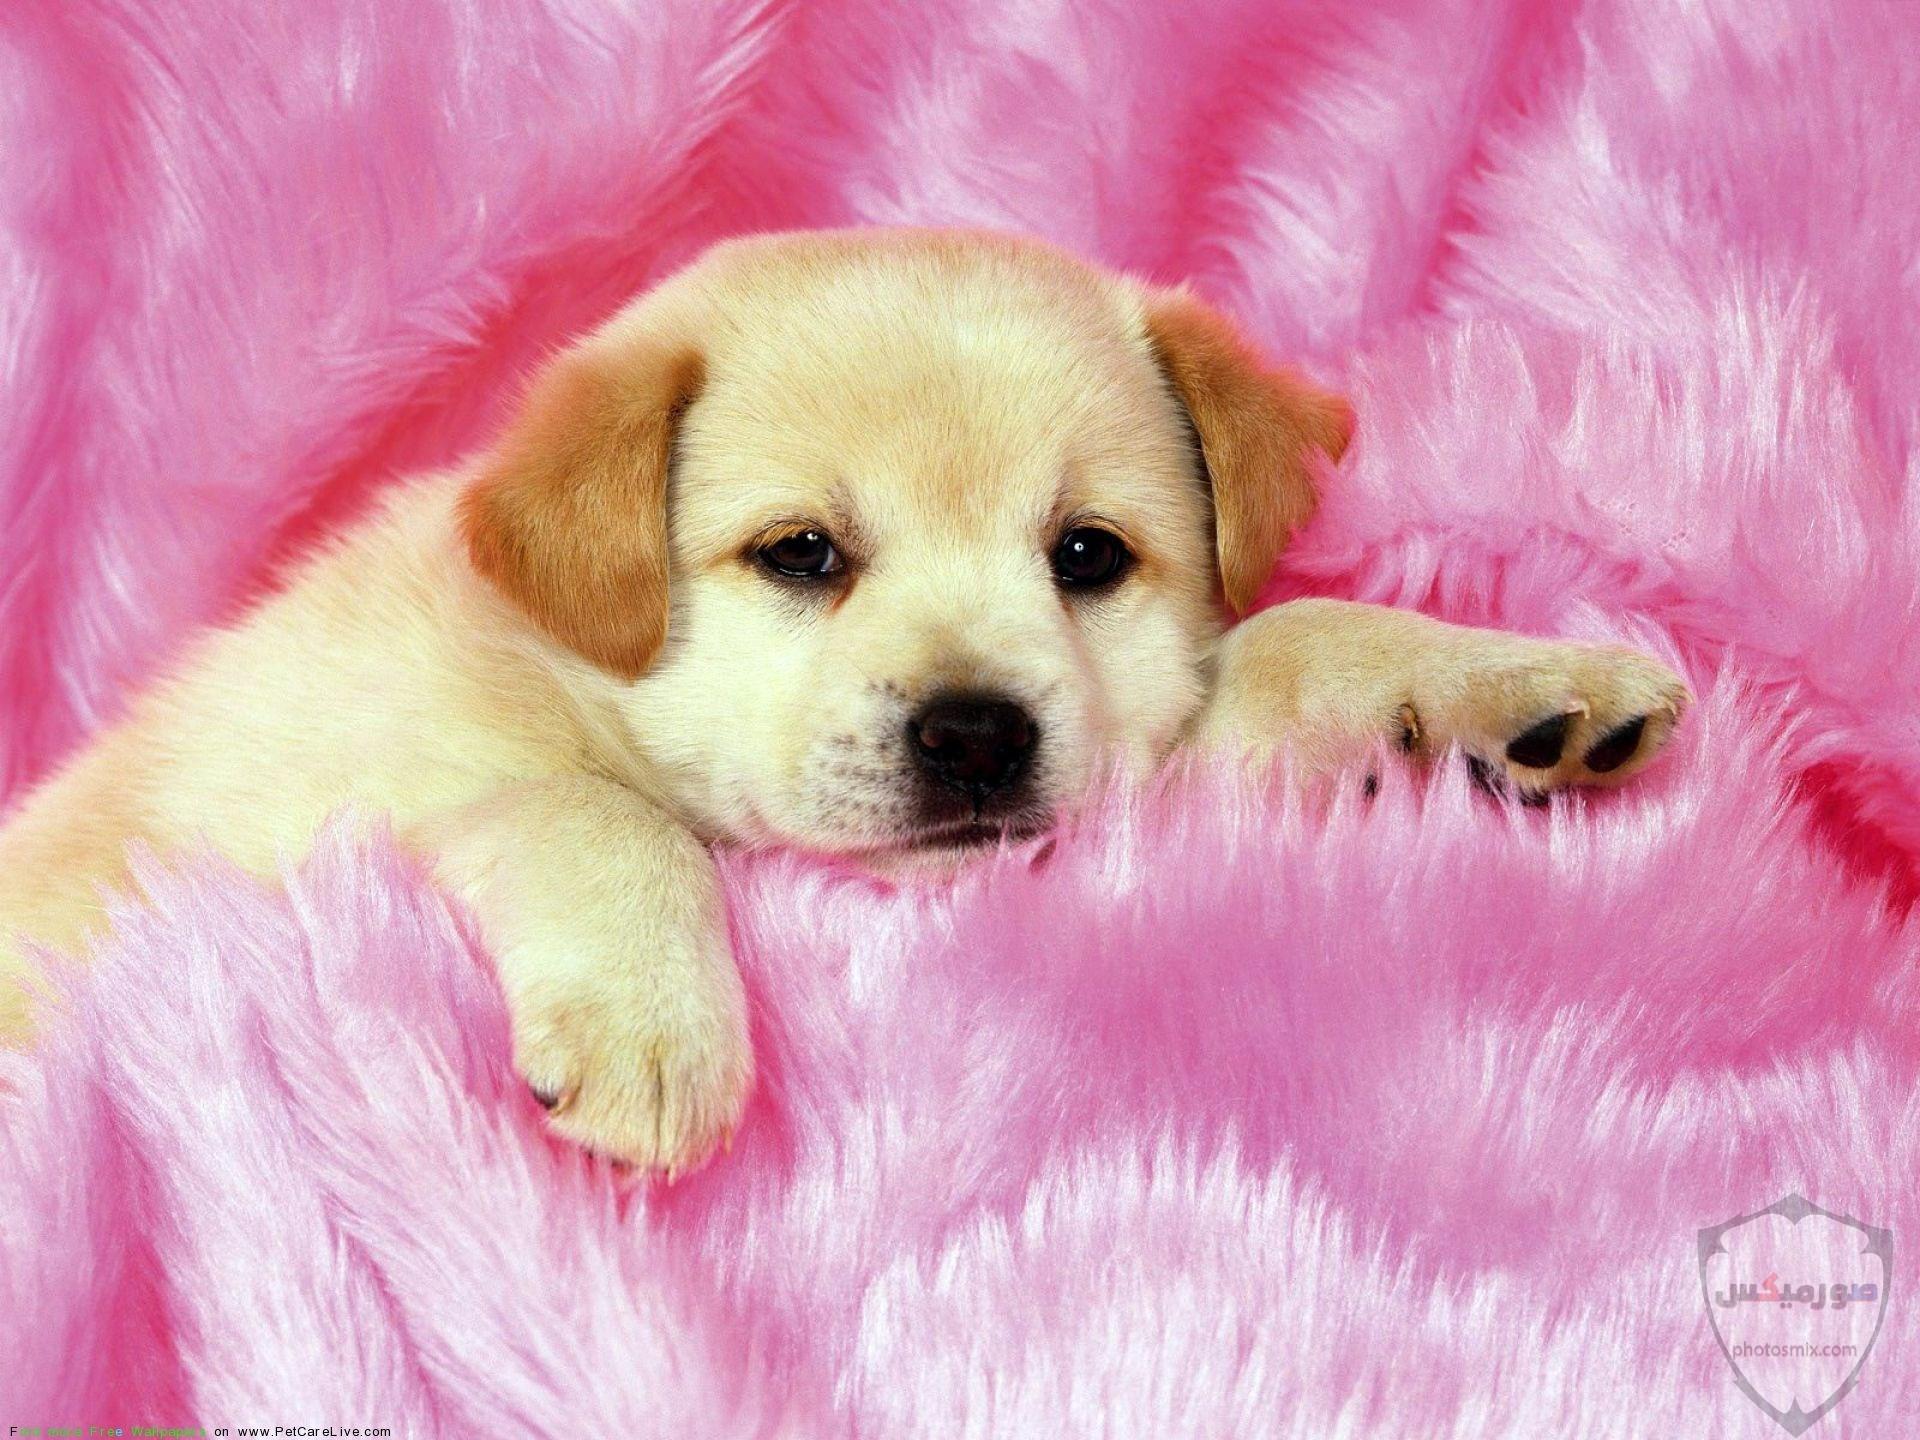 صور رمزيات خلفيات كلاب كيوت صورة كلب كيوت جدا 35